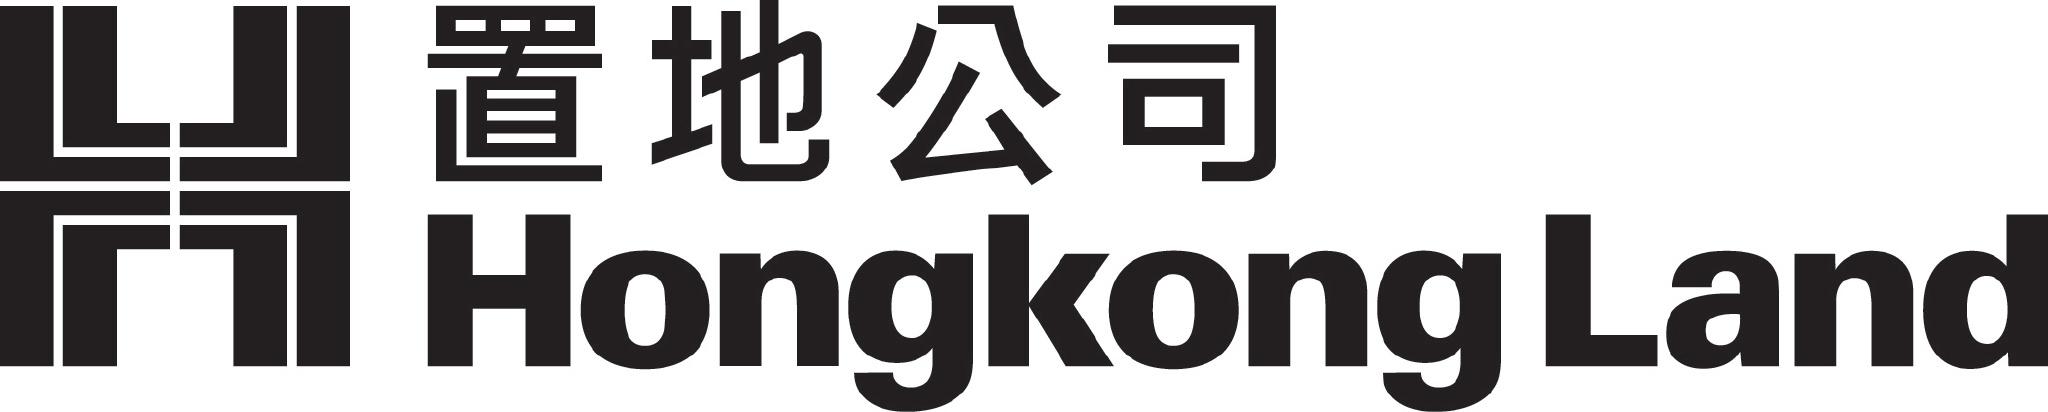 HKLAND.png